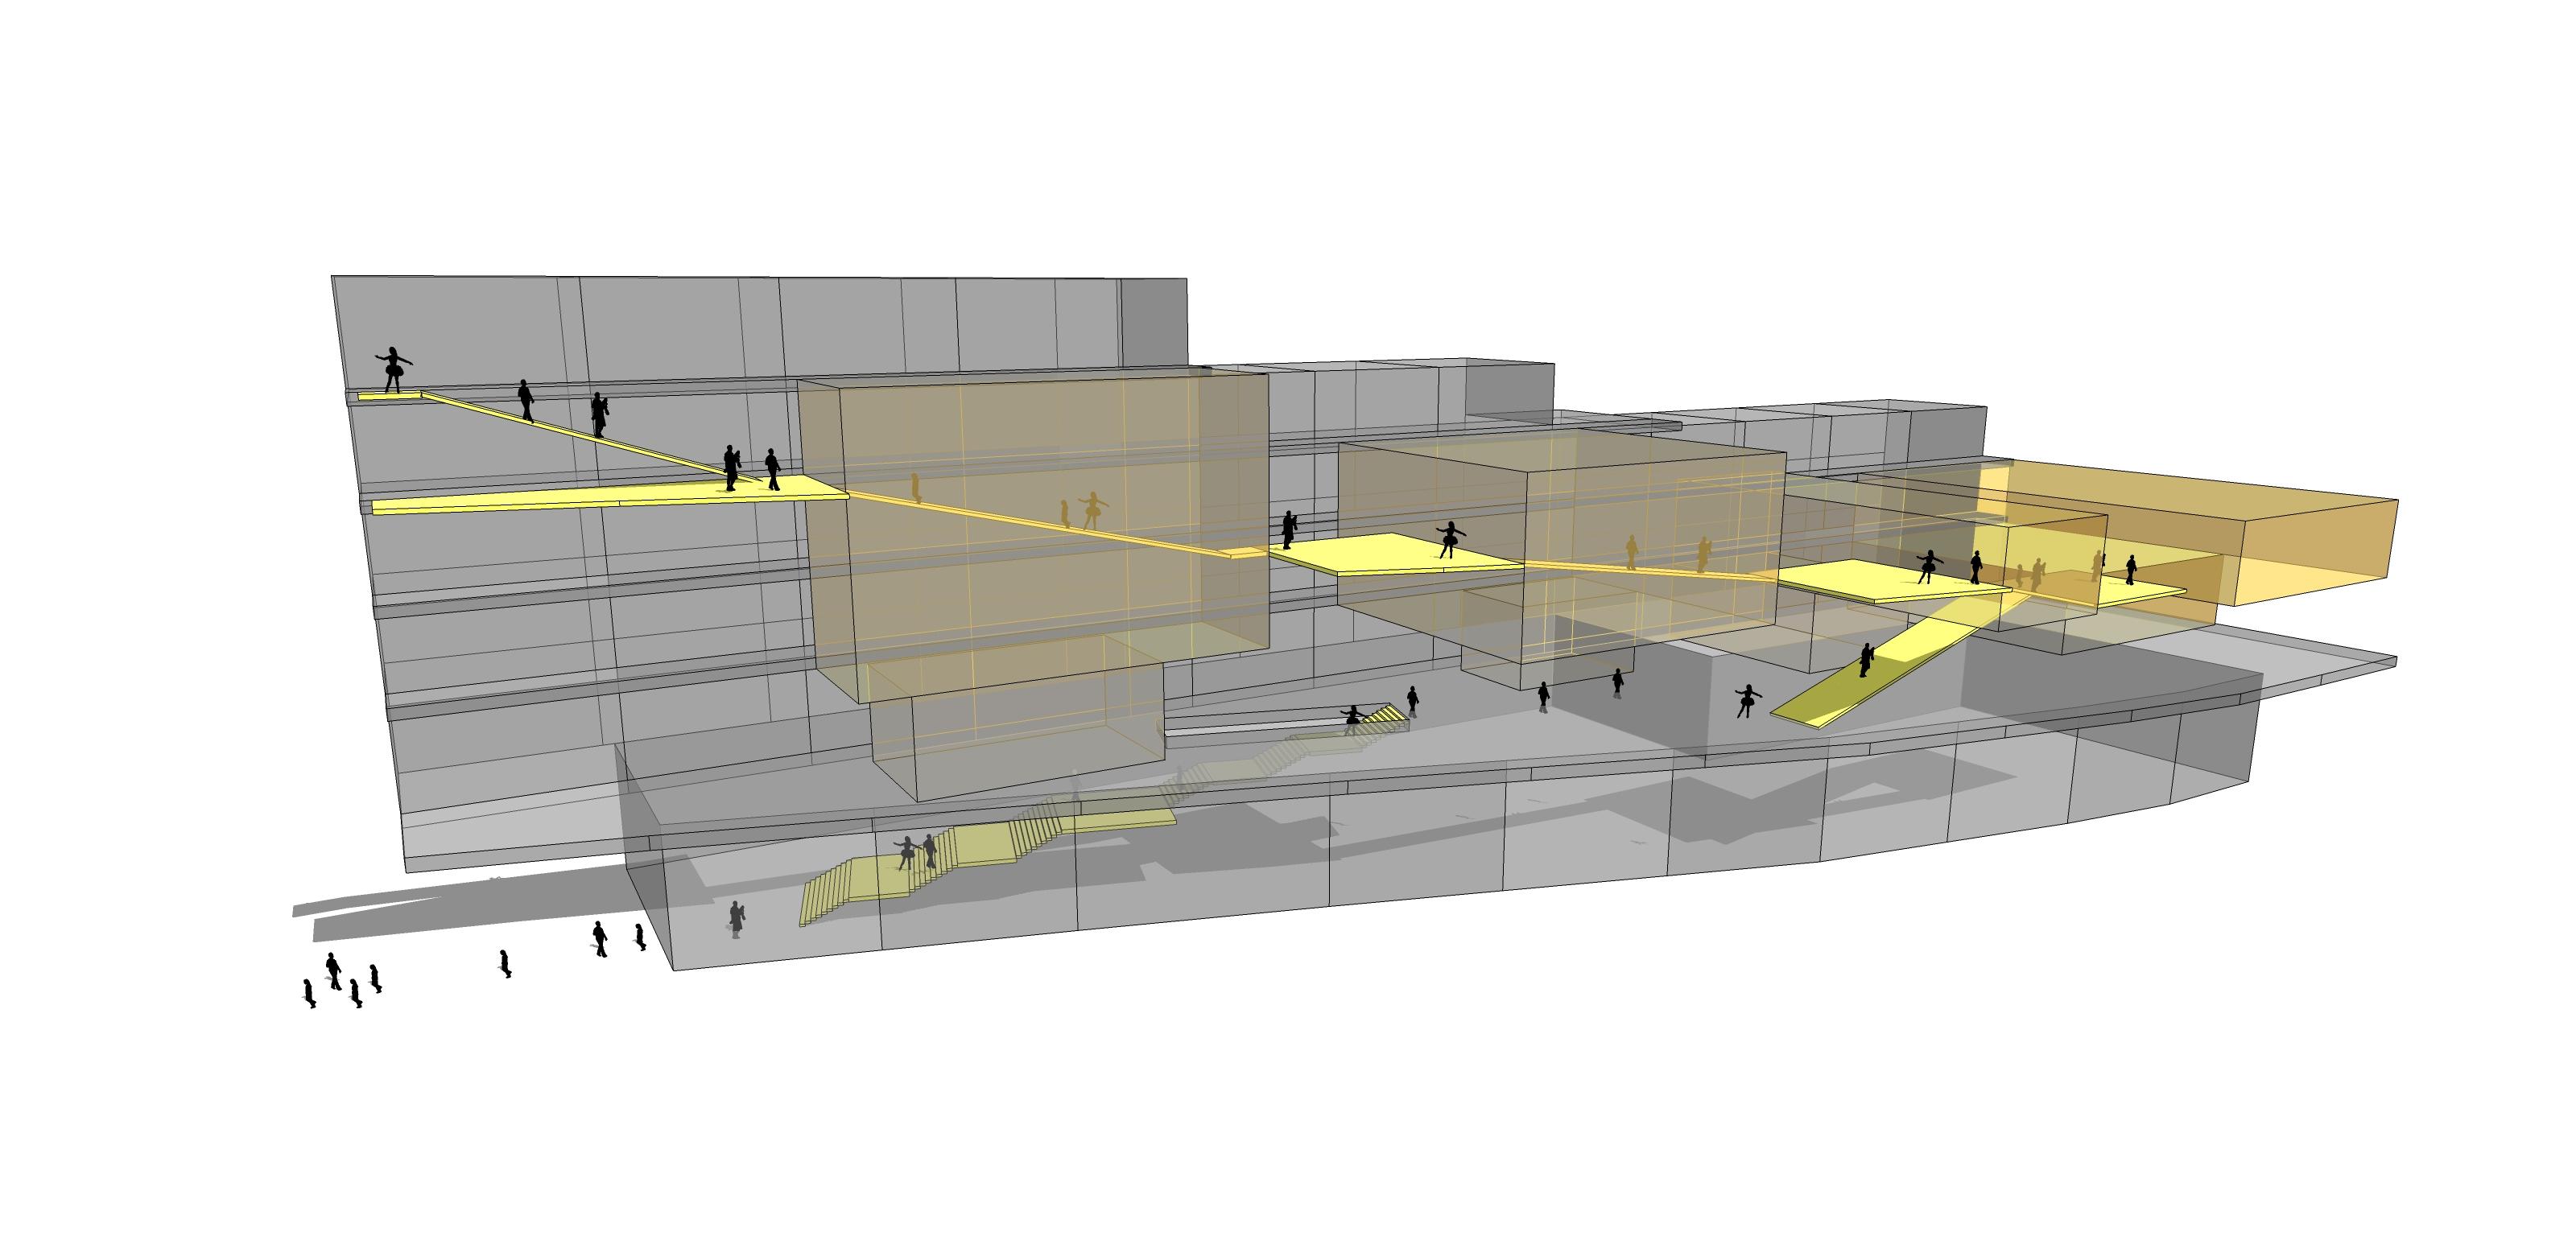 3dModel_5.jpg